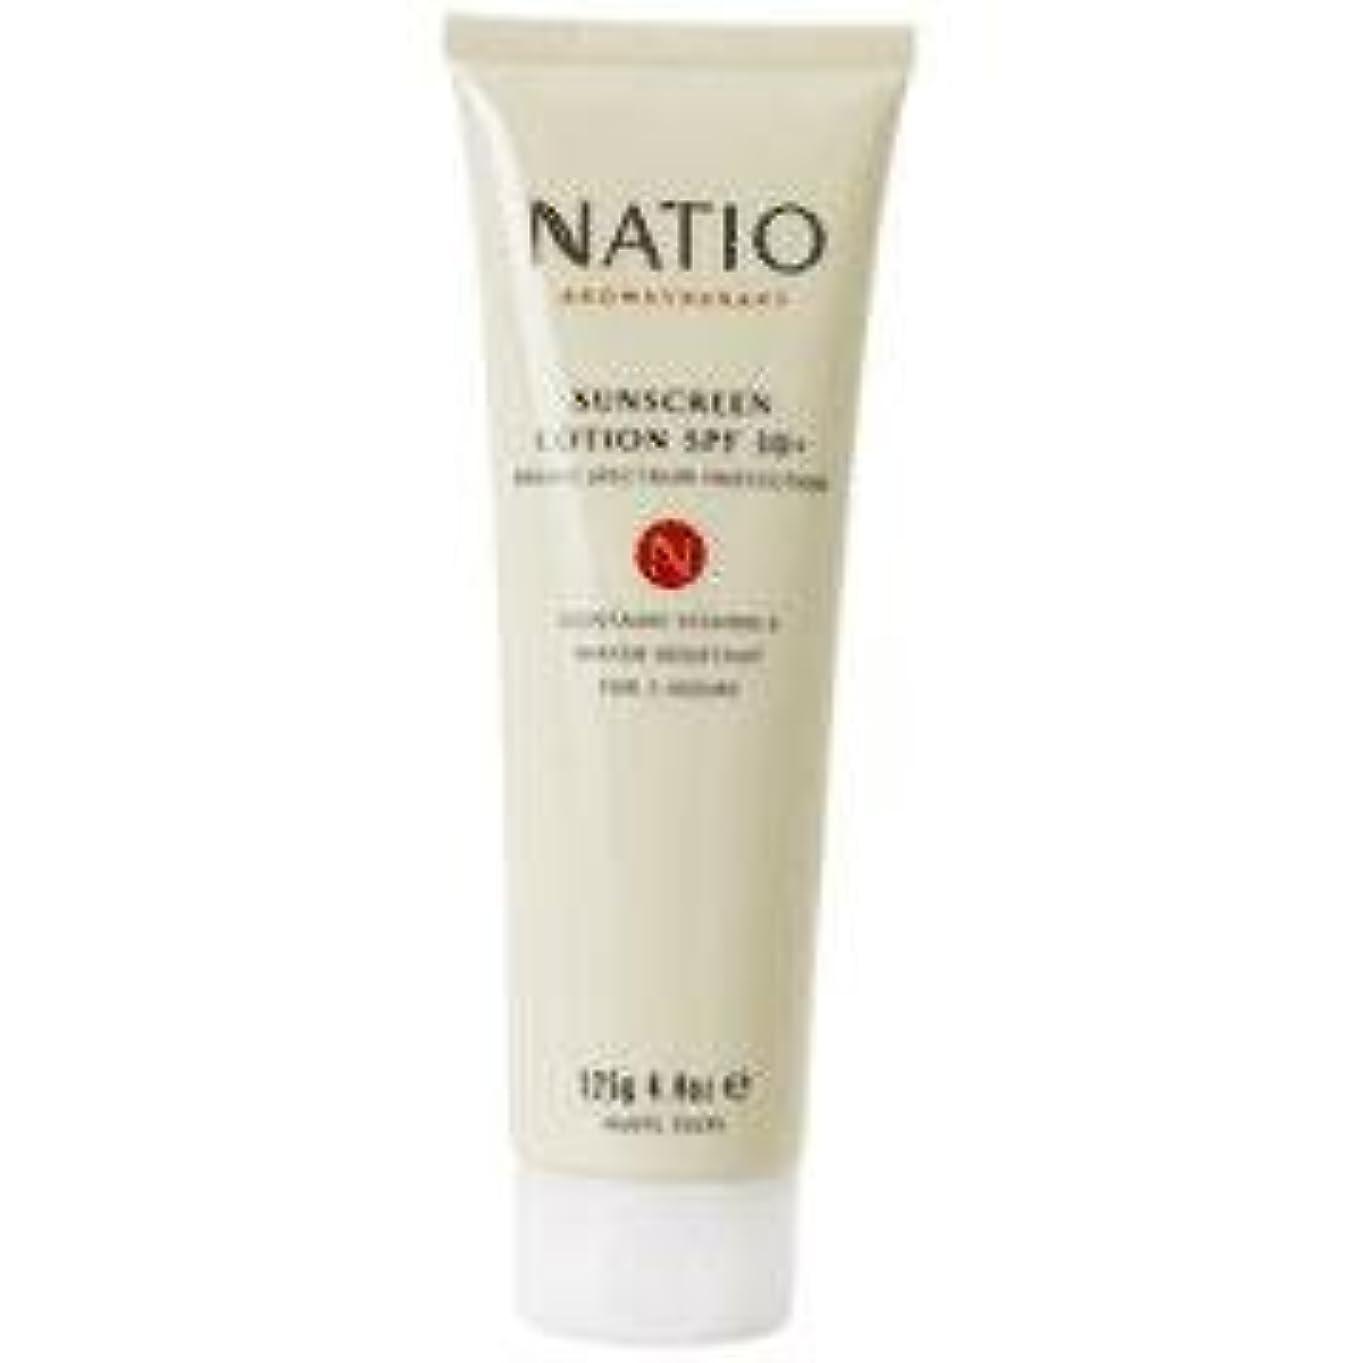 わずかな廃止劇作家【NATIO Aromatherapy Sunscreen Lotion SPF30+】 ナティオ  日焼け止めクリーム SPF30+ [海外直送品]